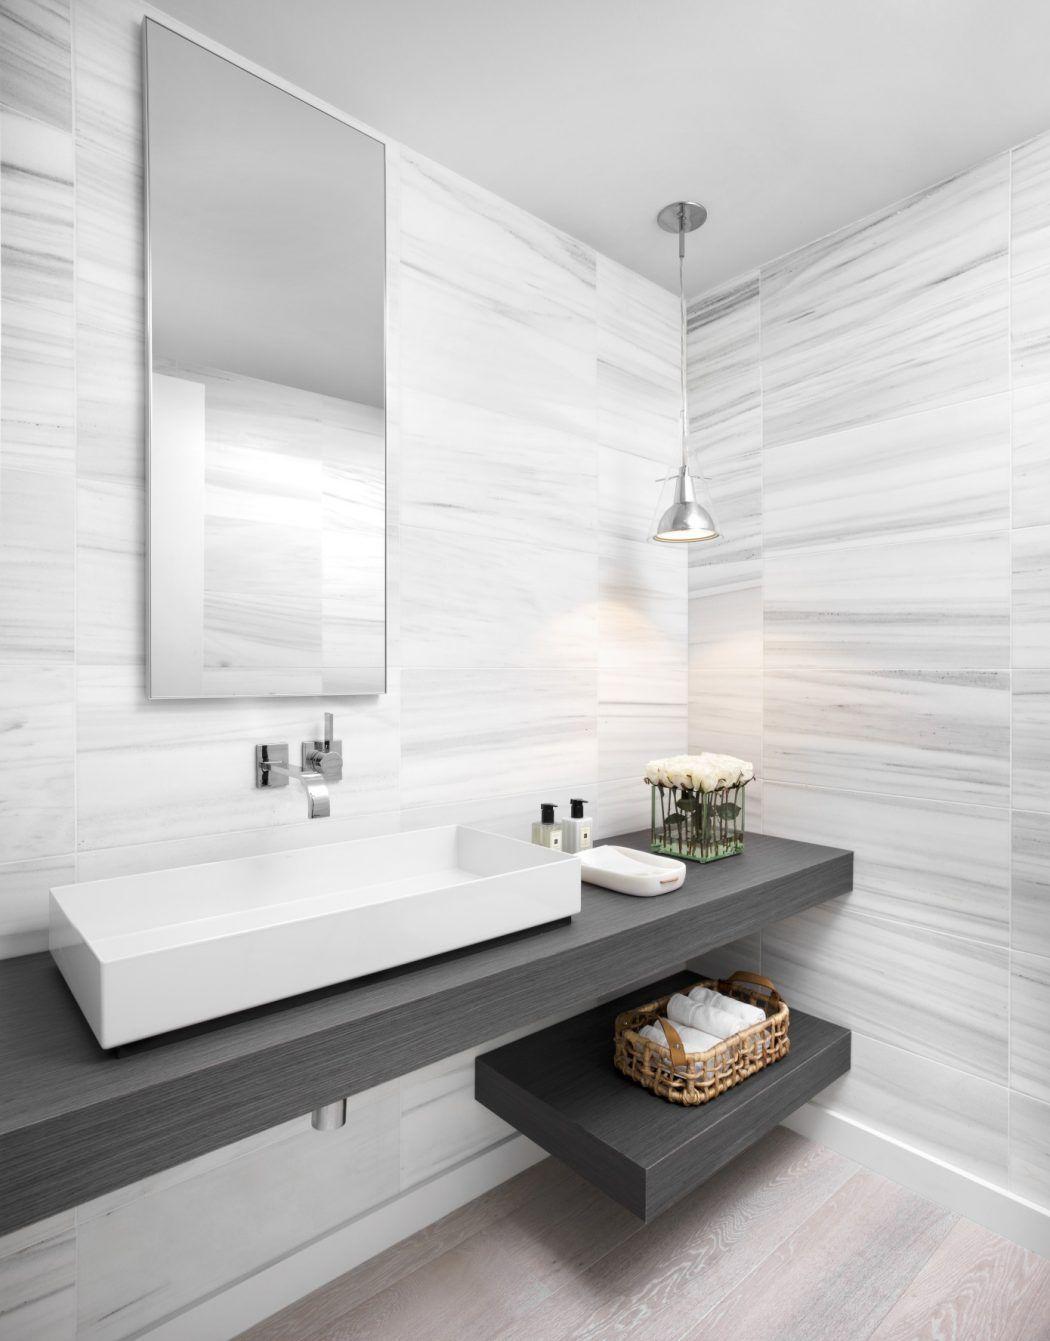 Pin de Mercedes Parada Alvarez en baños | Decoracion baños ...